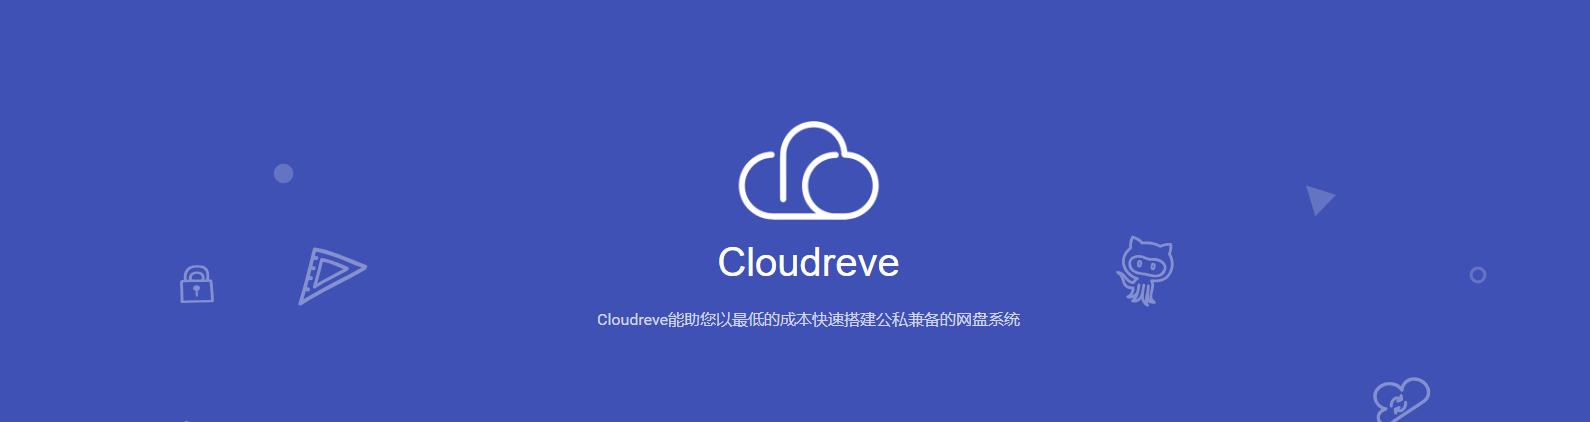 超简单个人网盘搭建教程,宝塔面板安装Cloudreve 新版V3+(go版本)